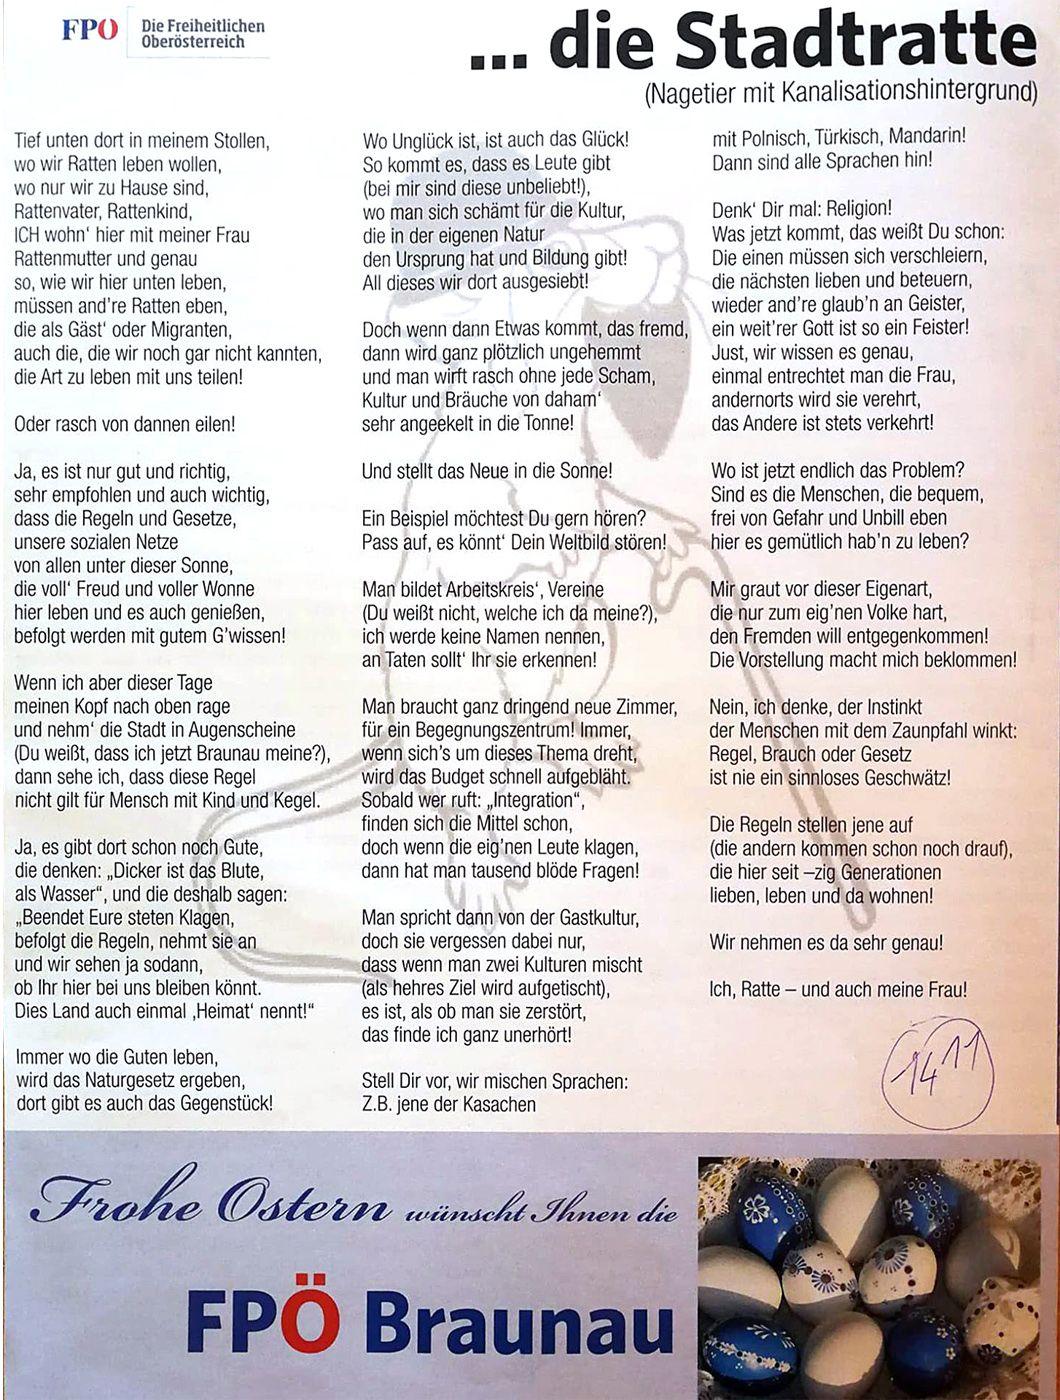 Ratten Gedicht Der Fpö Braunau Schlägt Hohe Wellen